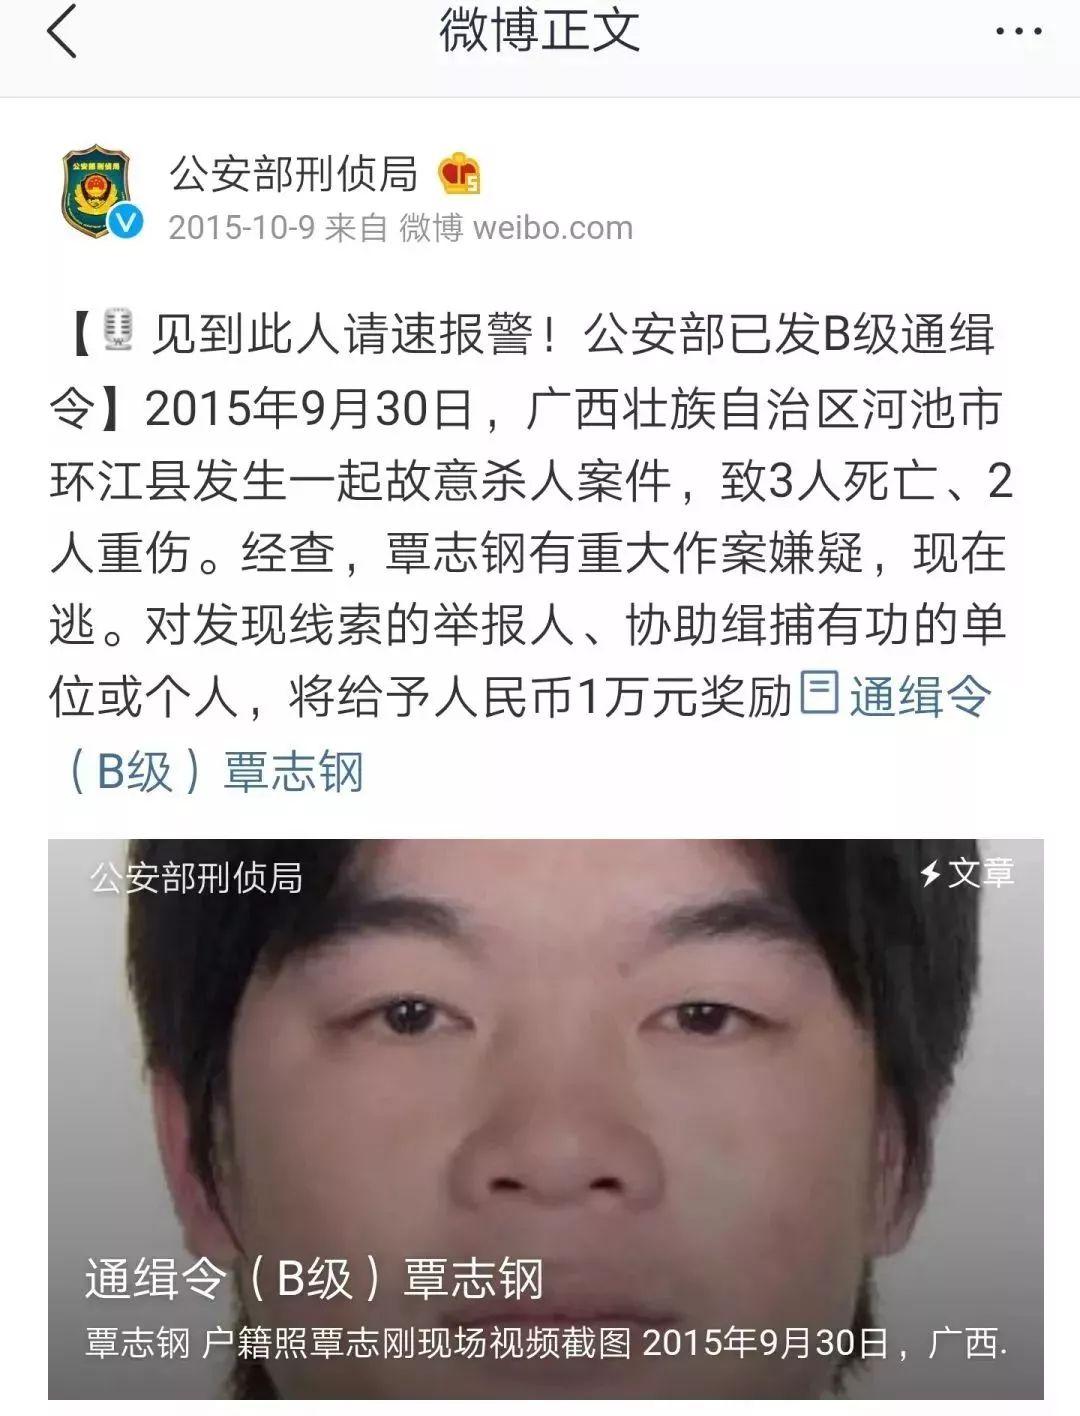 【紧急扩散】公安悬赏200000元!已杀害5人!此人极度危险,见到请报警!